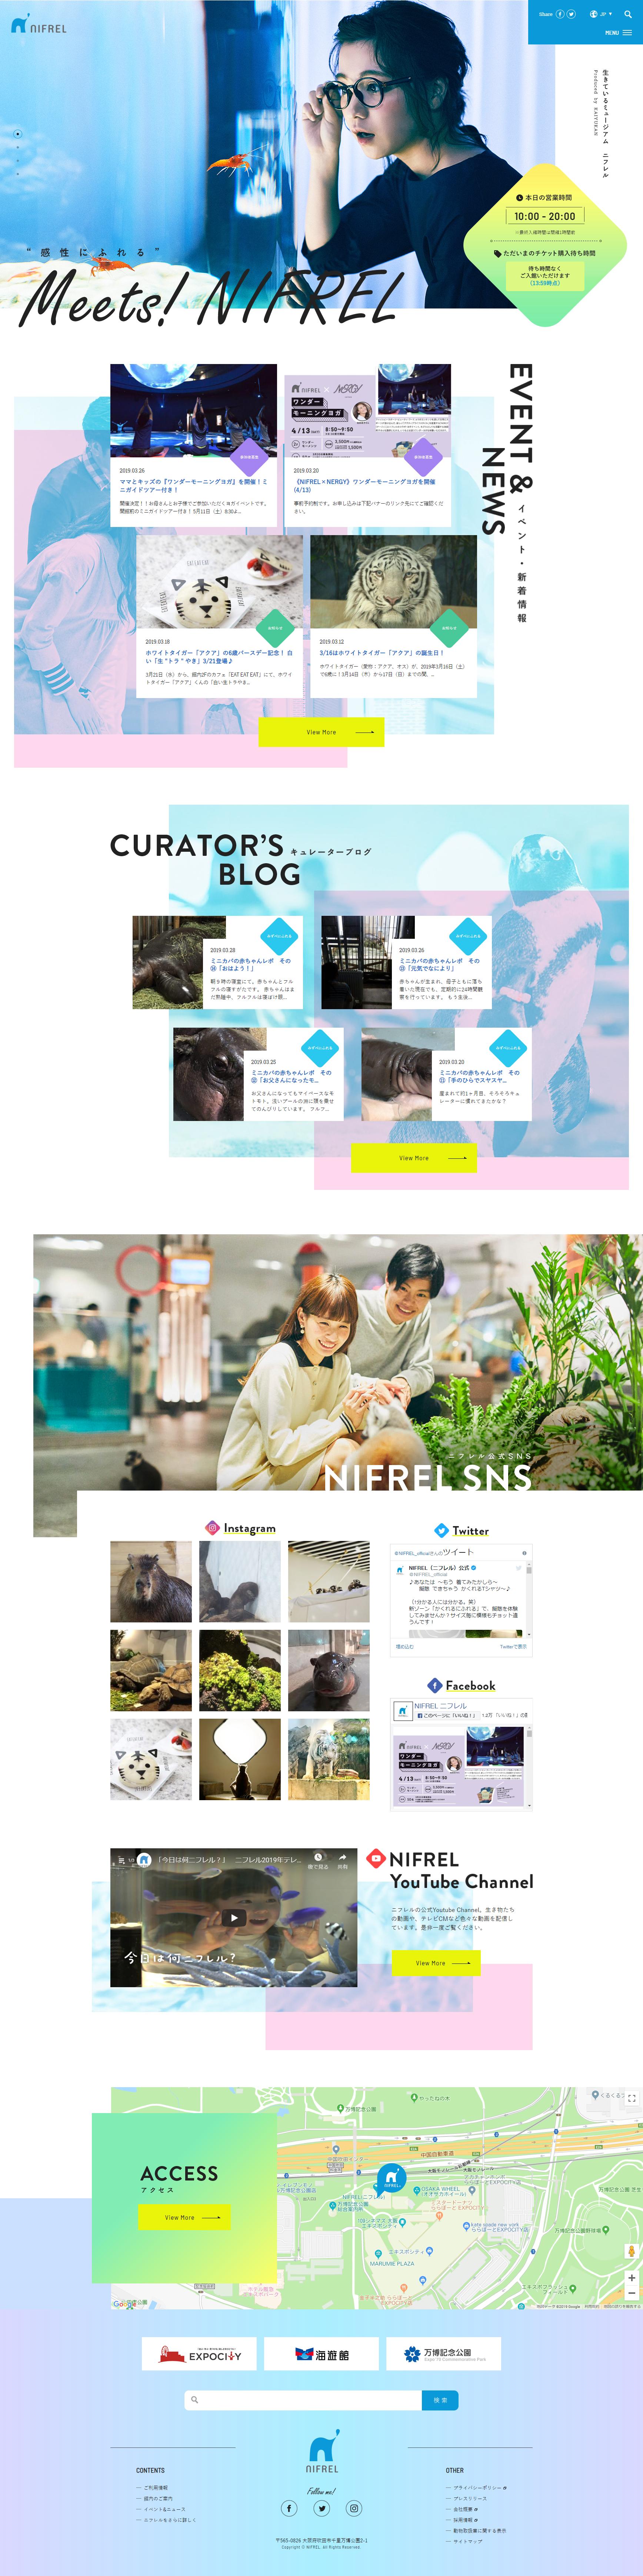 デザイン Web おしゃれまとめの人気アイデア Pinterest Fufu Lp デザイン 採用サイト デザイン ウェブデザイン